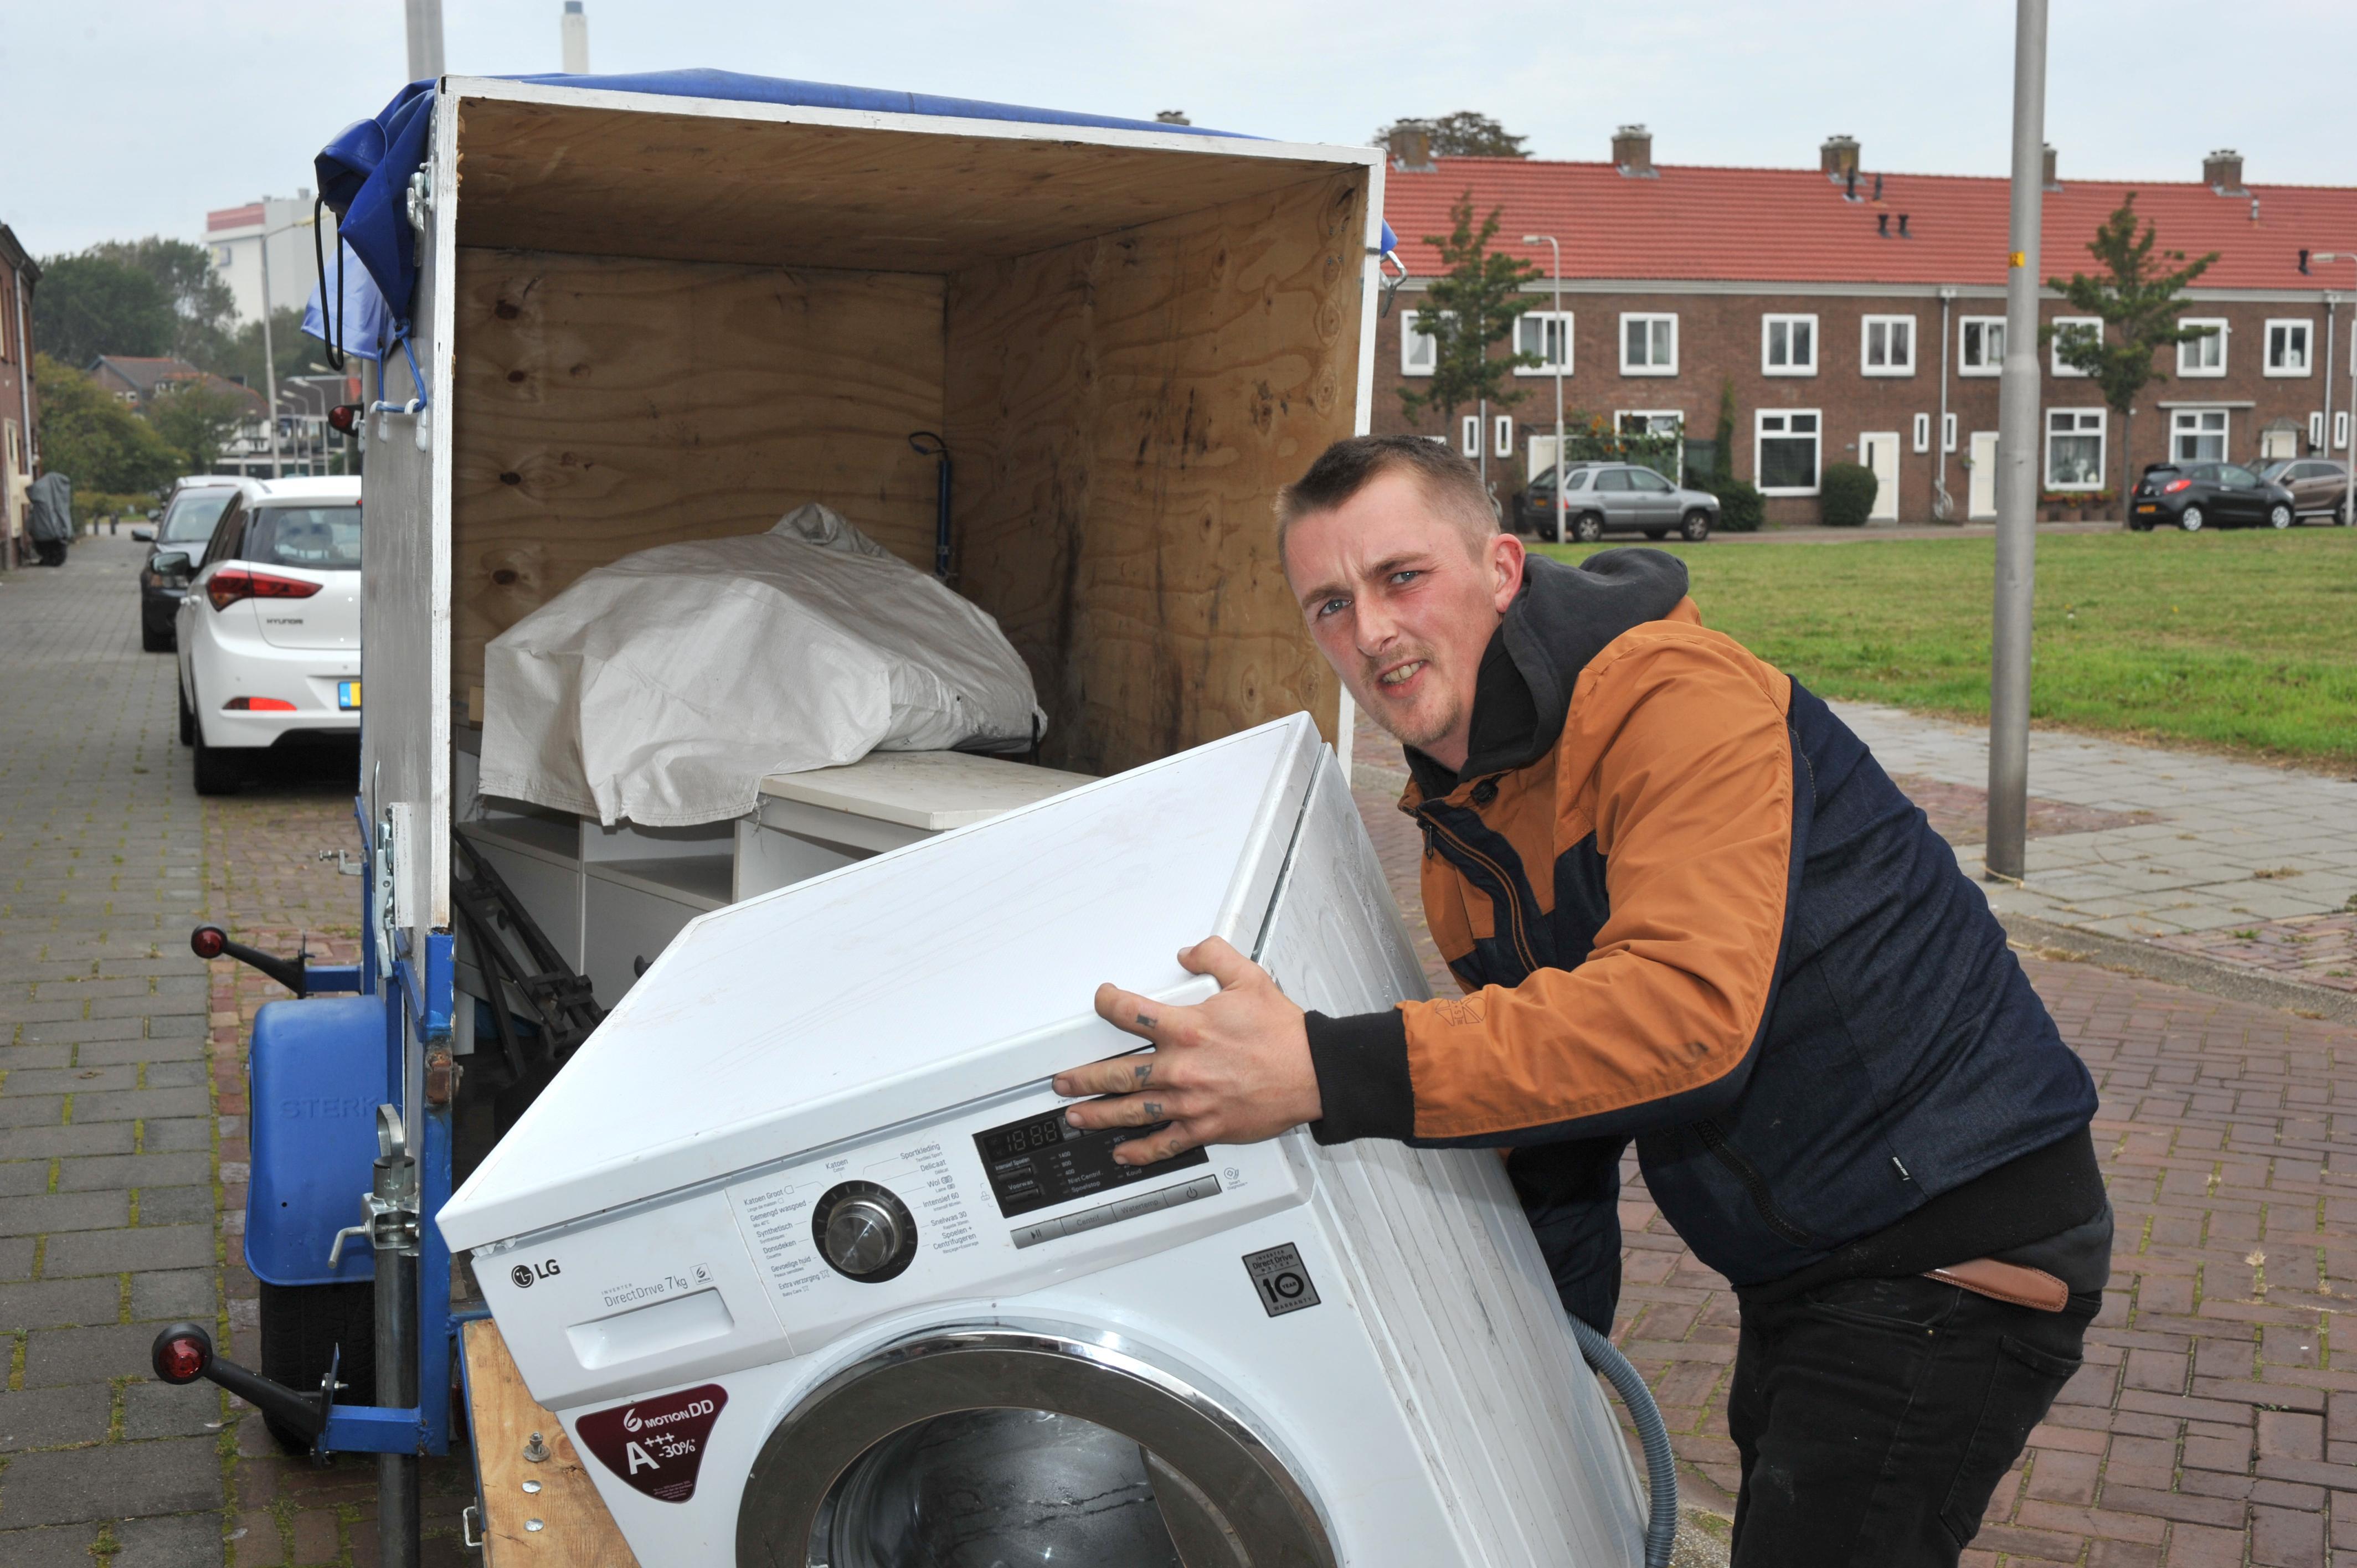 't Muntje biedt nieuwe kansen voor gebruikte spullen én voor Darryl. 'Er is genoeg armoede hier in Velsen-Noord'